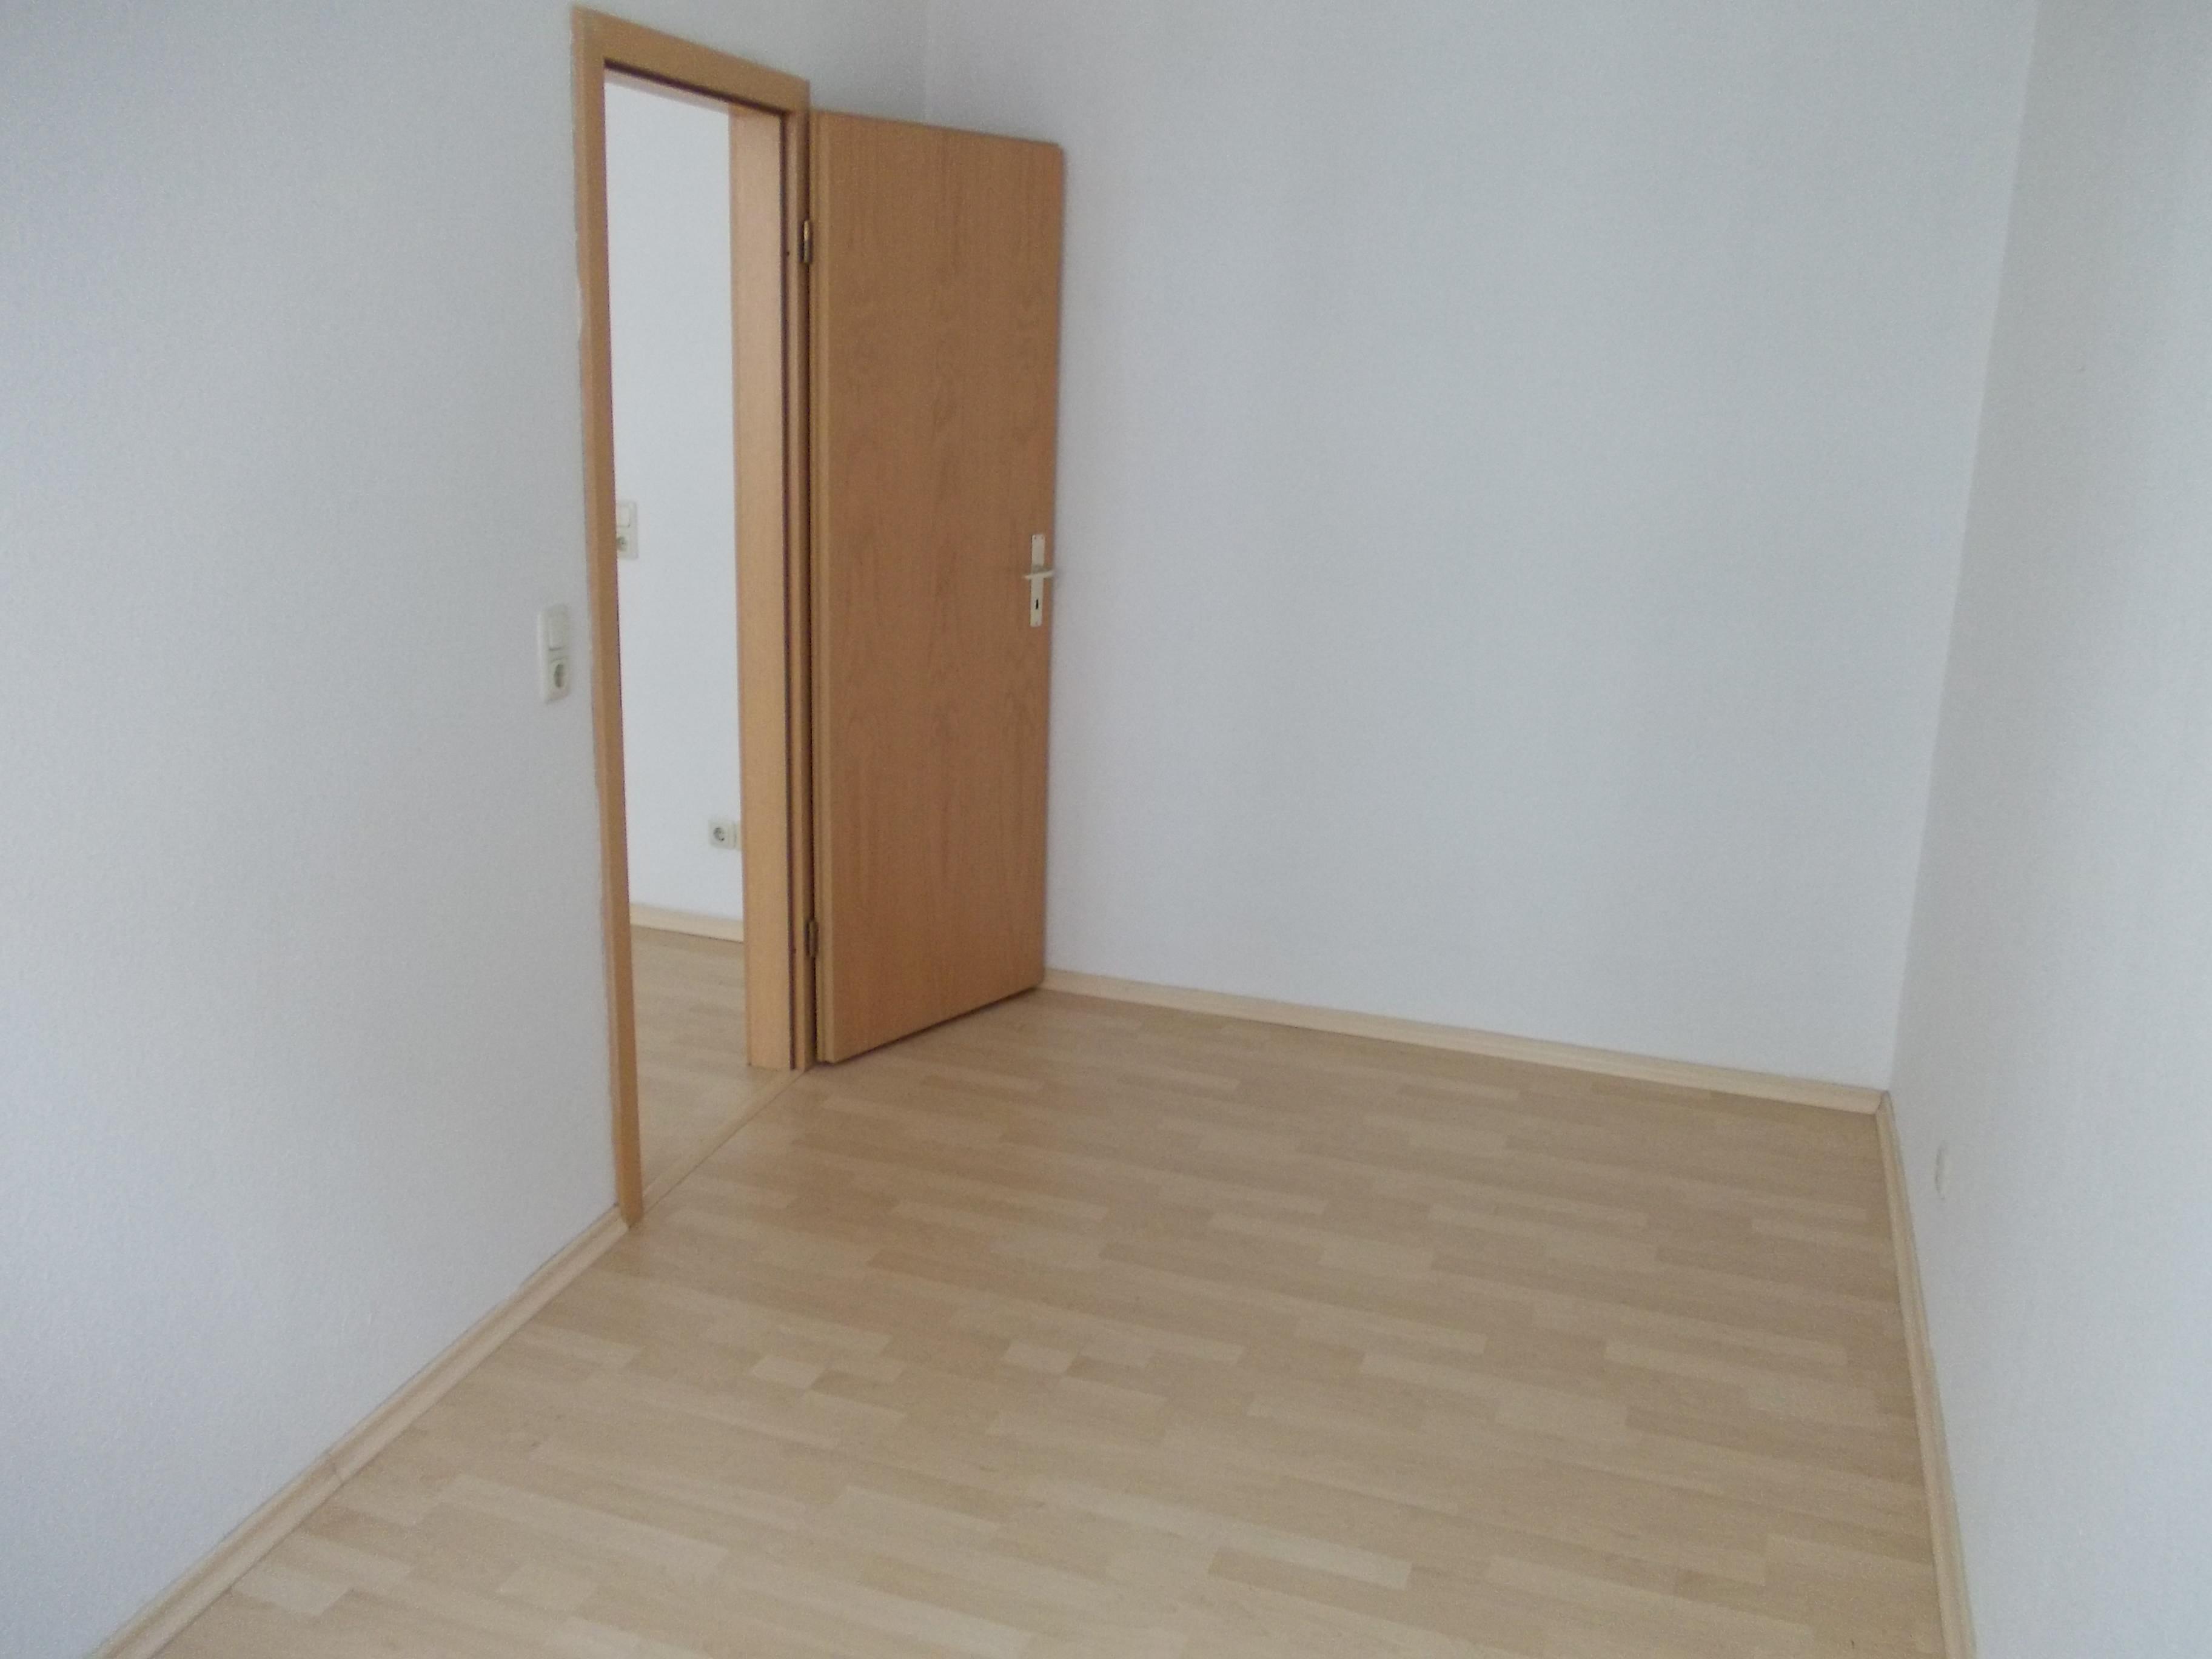 2 raum wohnung in stadtmitte kleine kirchstra e 1 07545 gera stadtmitte. Black Bedroom Furniture Sets. Home Design Ideas